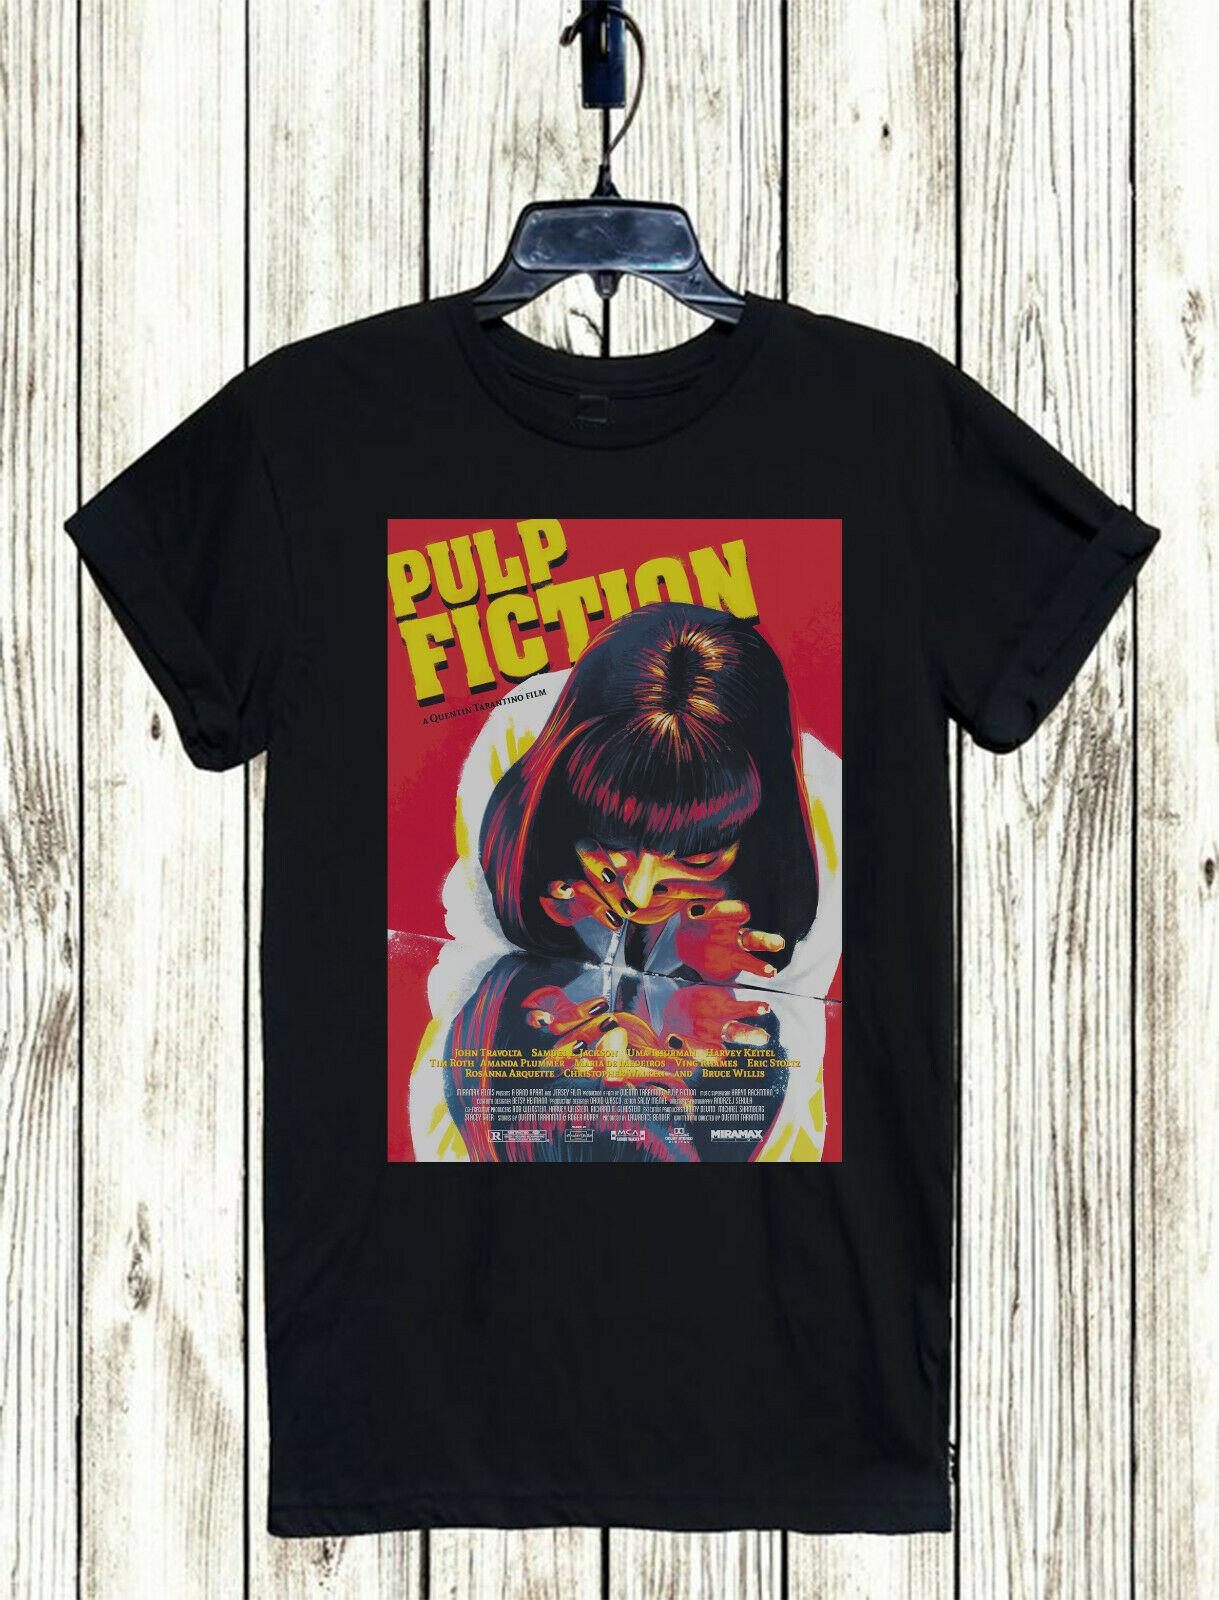 pulpa-de-ficcion-retro-camiseta-pelicula-xs-3xl-unisex-envio-gratis-culto-tarantino